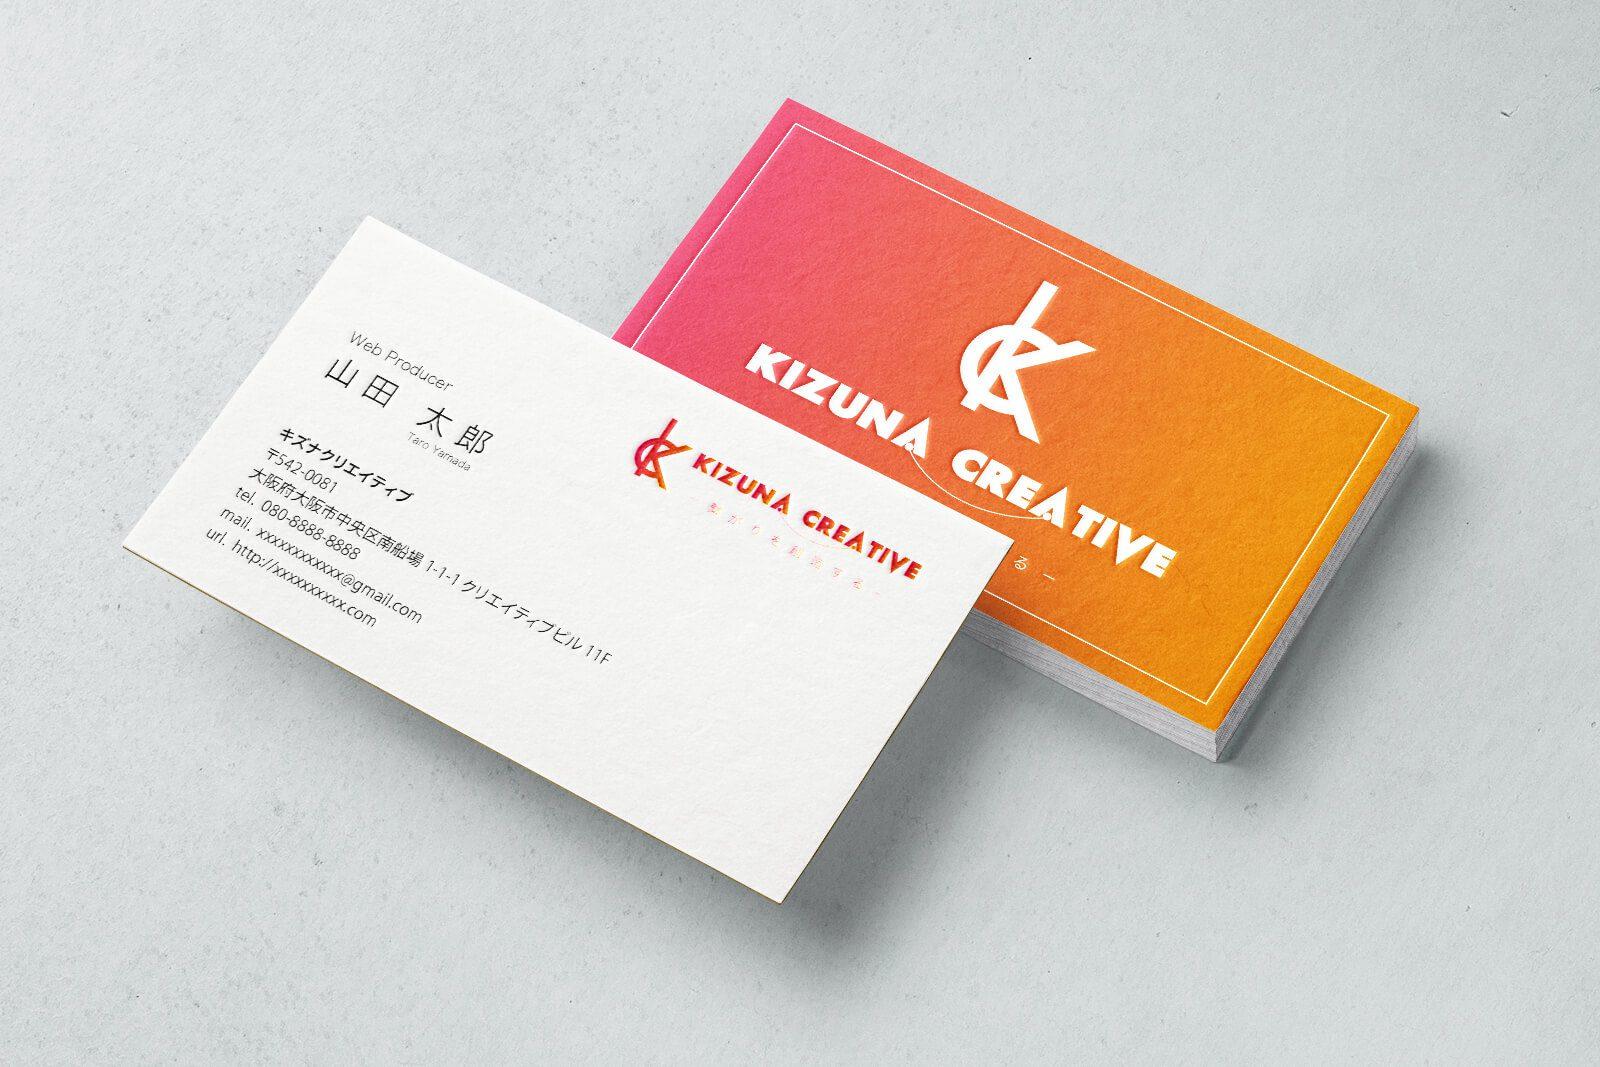 KIZUNA CREATIVE CARD